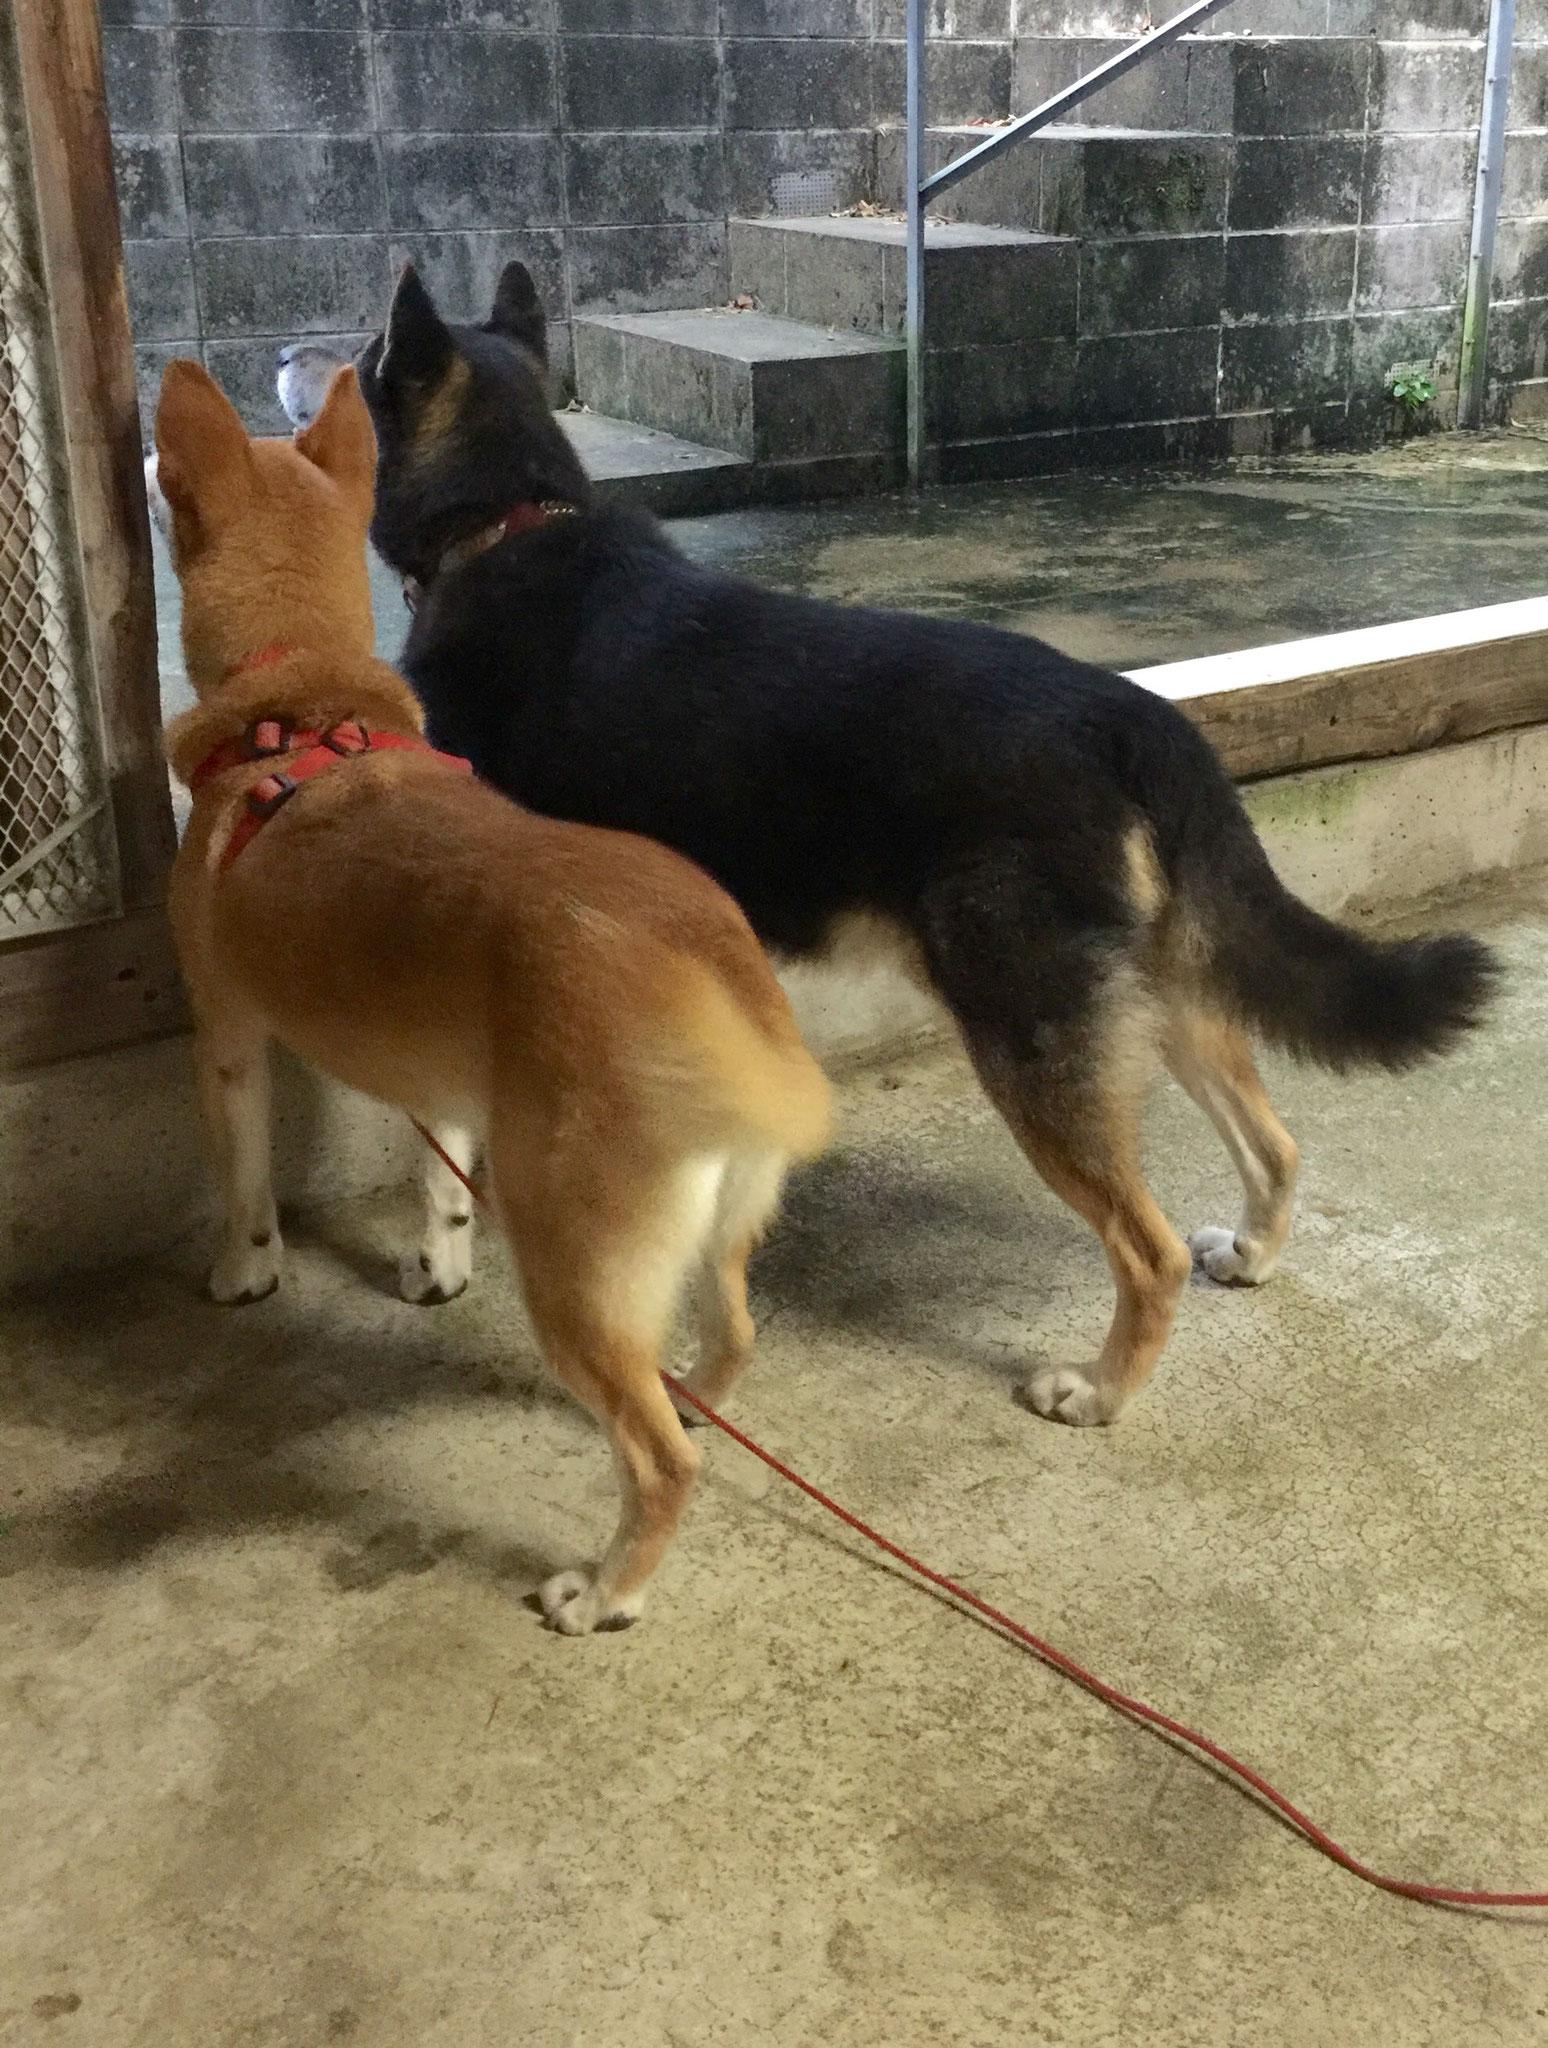 保護犬のかわいい後ろ姿。なにを見ているのかしら…?